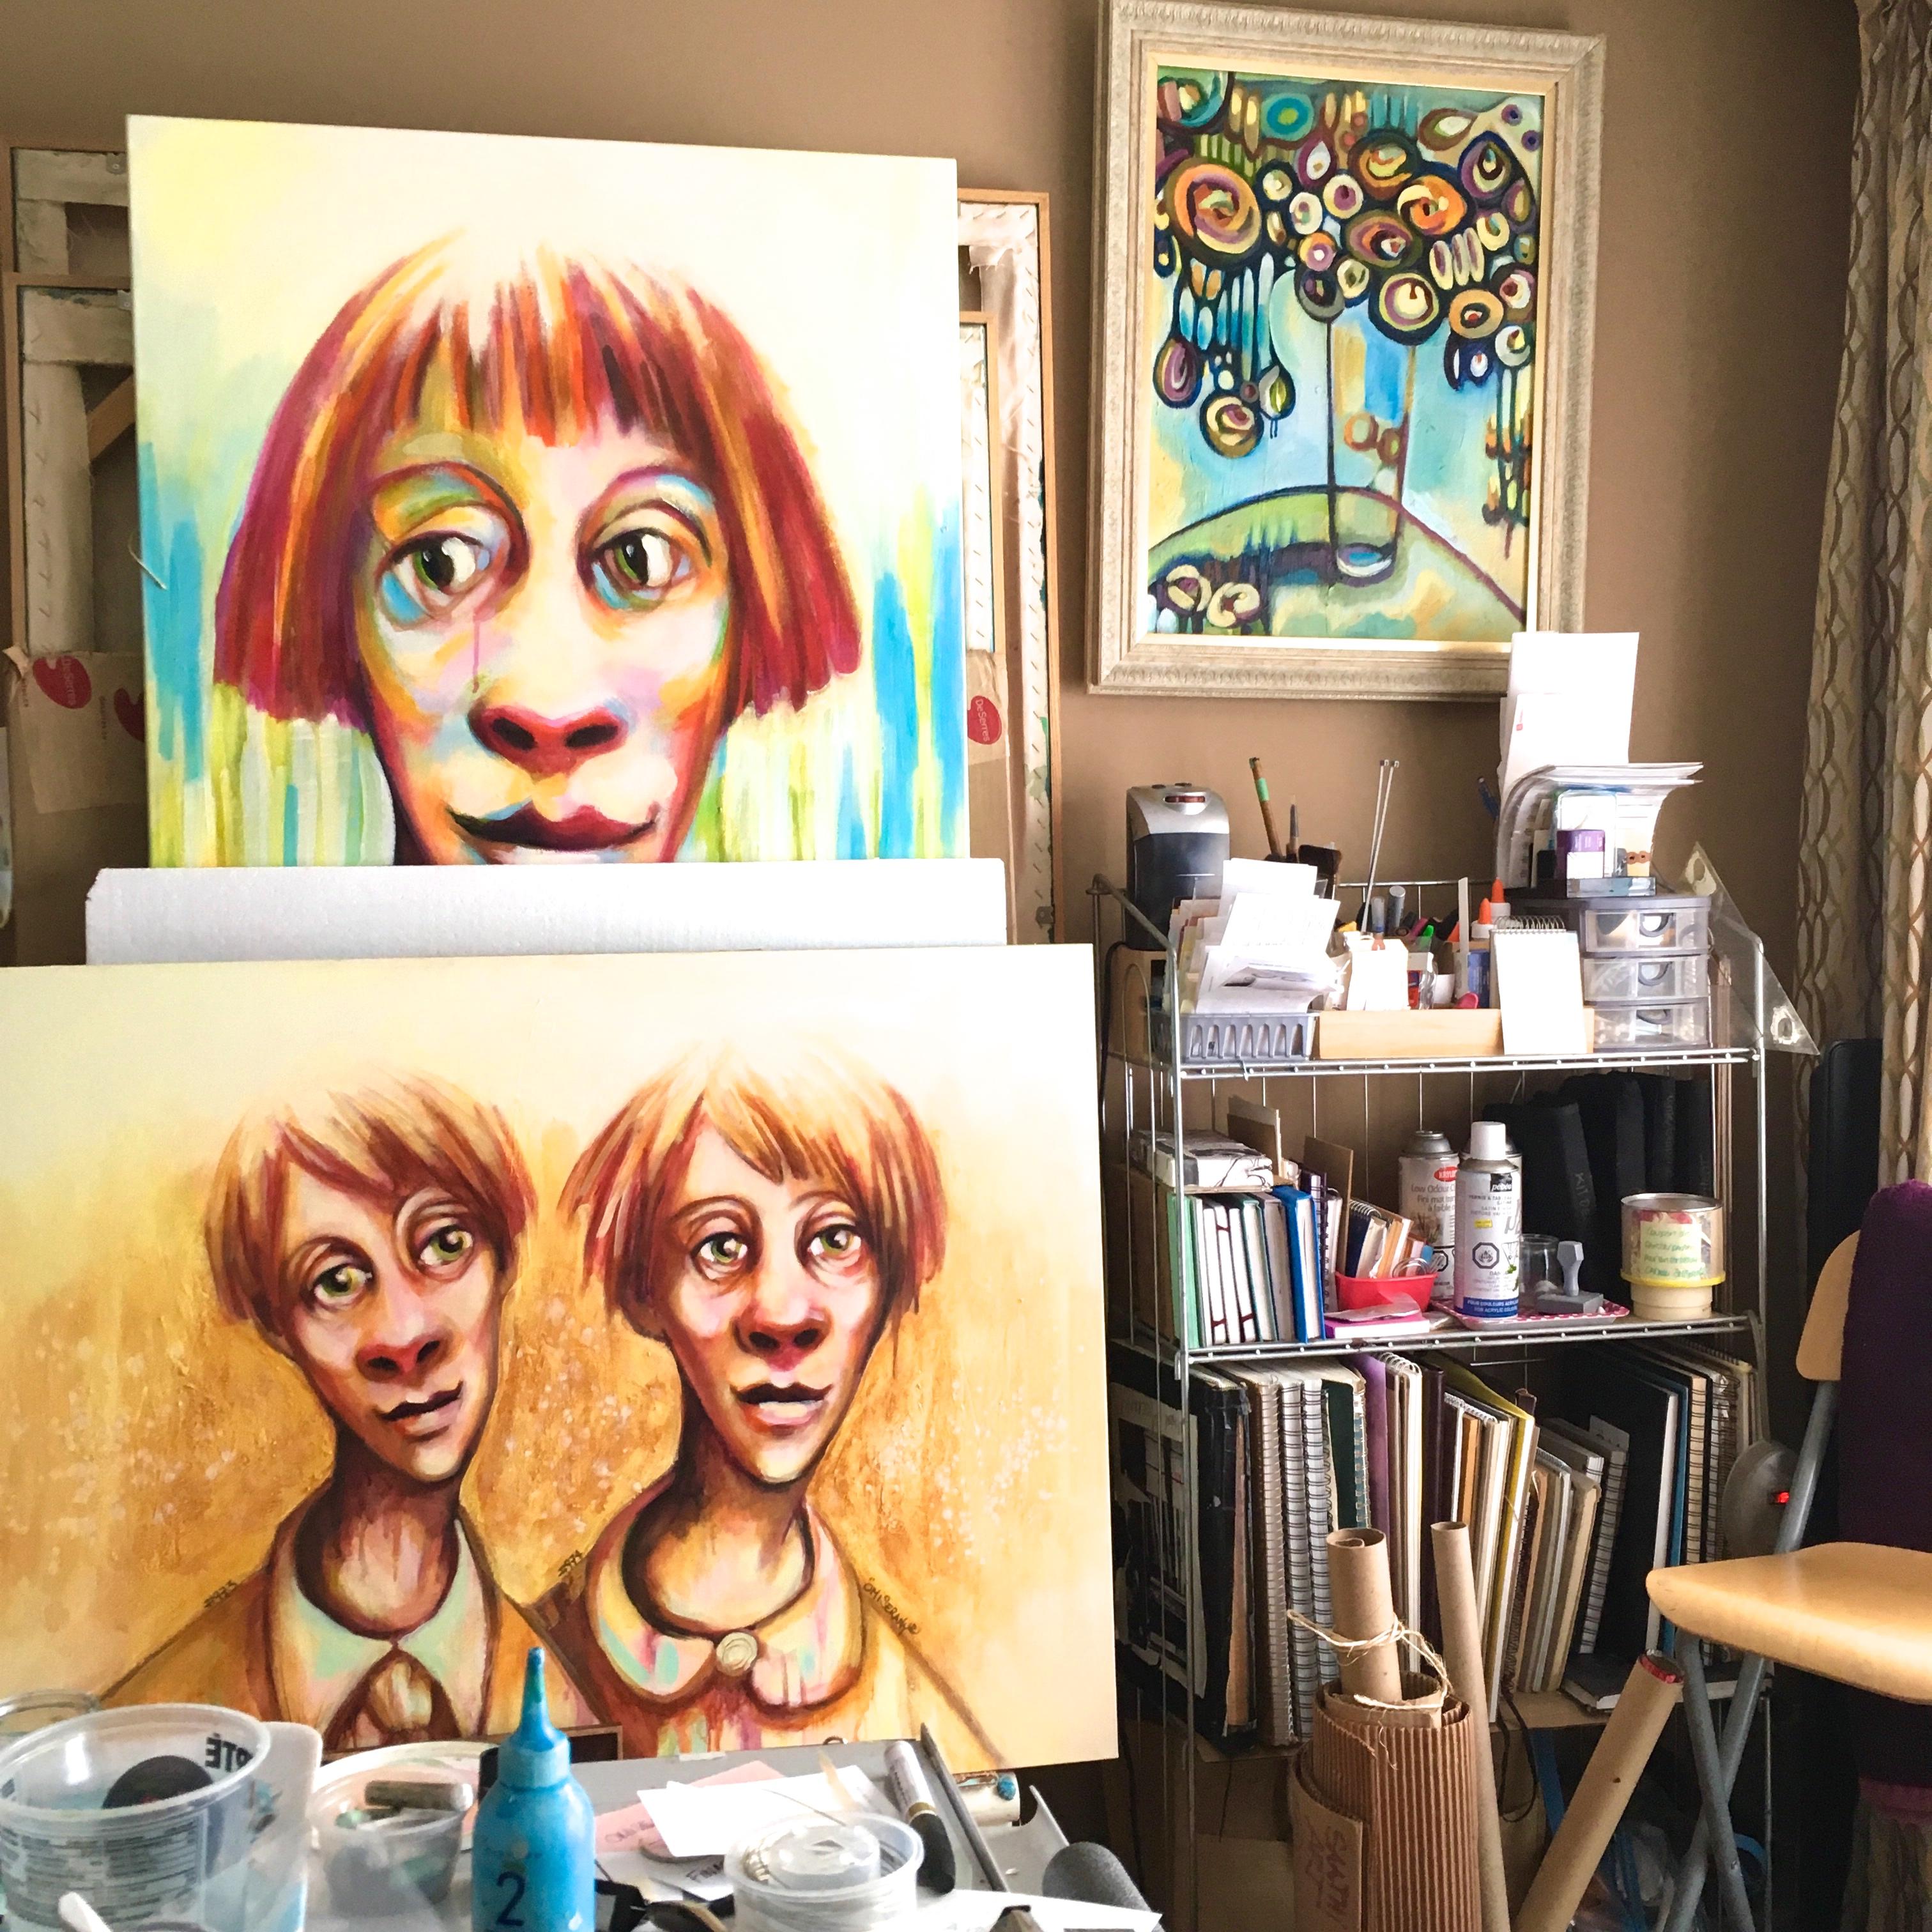 Vuvue de atelier _de ÖMISERANY toile Titeface et accumulation de carnet